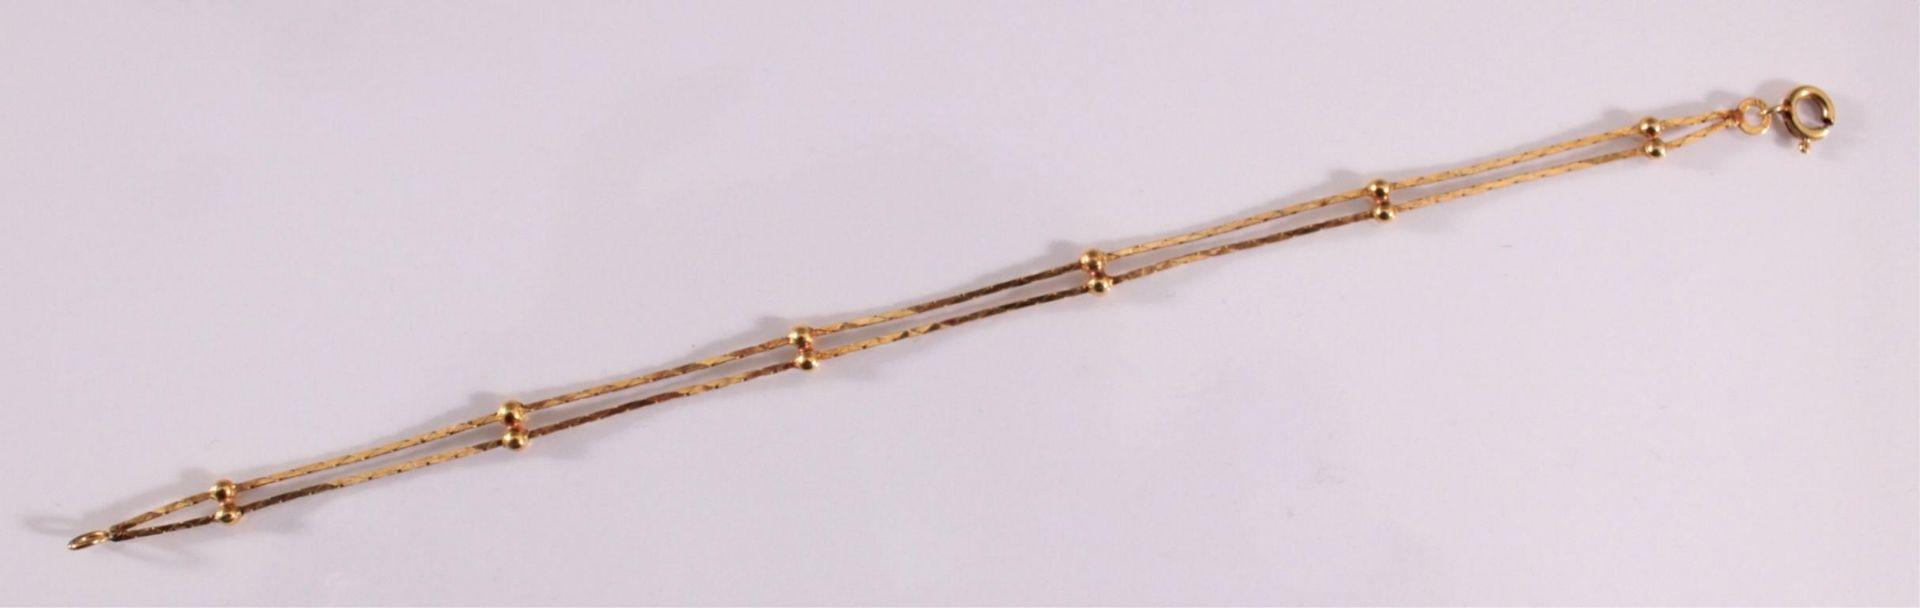 Damenarmband aus 8 Karat GelbgoldZweireihiges Armband an der Schließe punziert 333. Länge ca. 18 cm. - Bild 2 aus 2